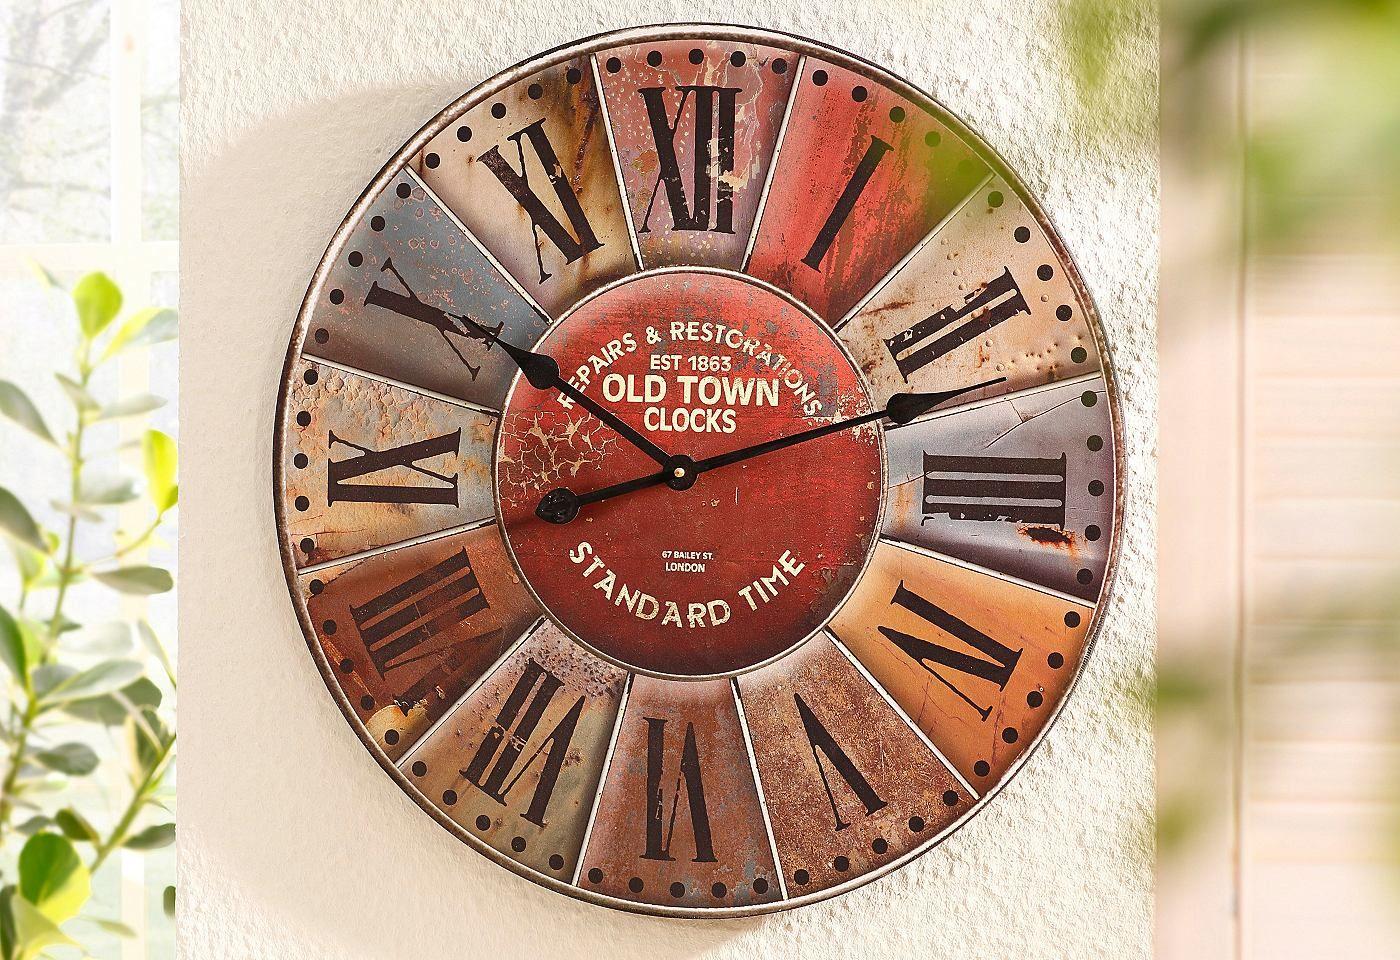 Die Uhr Im Retro Look Wurde Aus Holz Gefertigt Und Hat Die Maße Bh